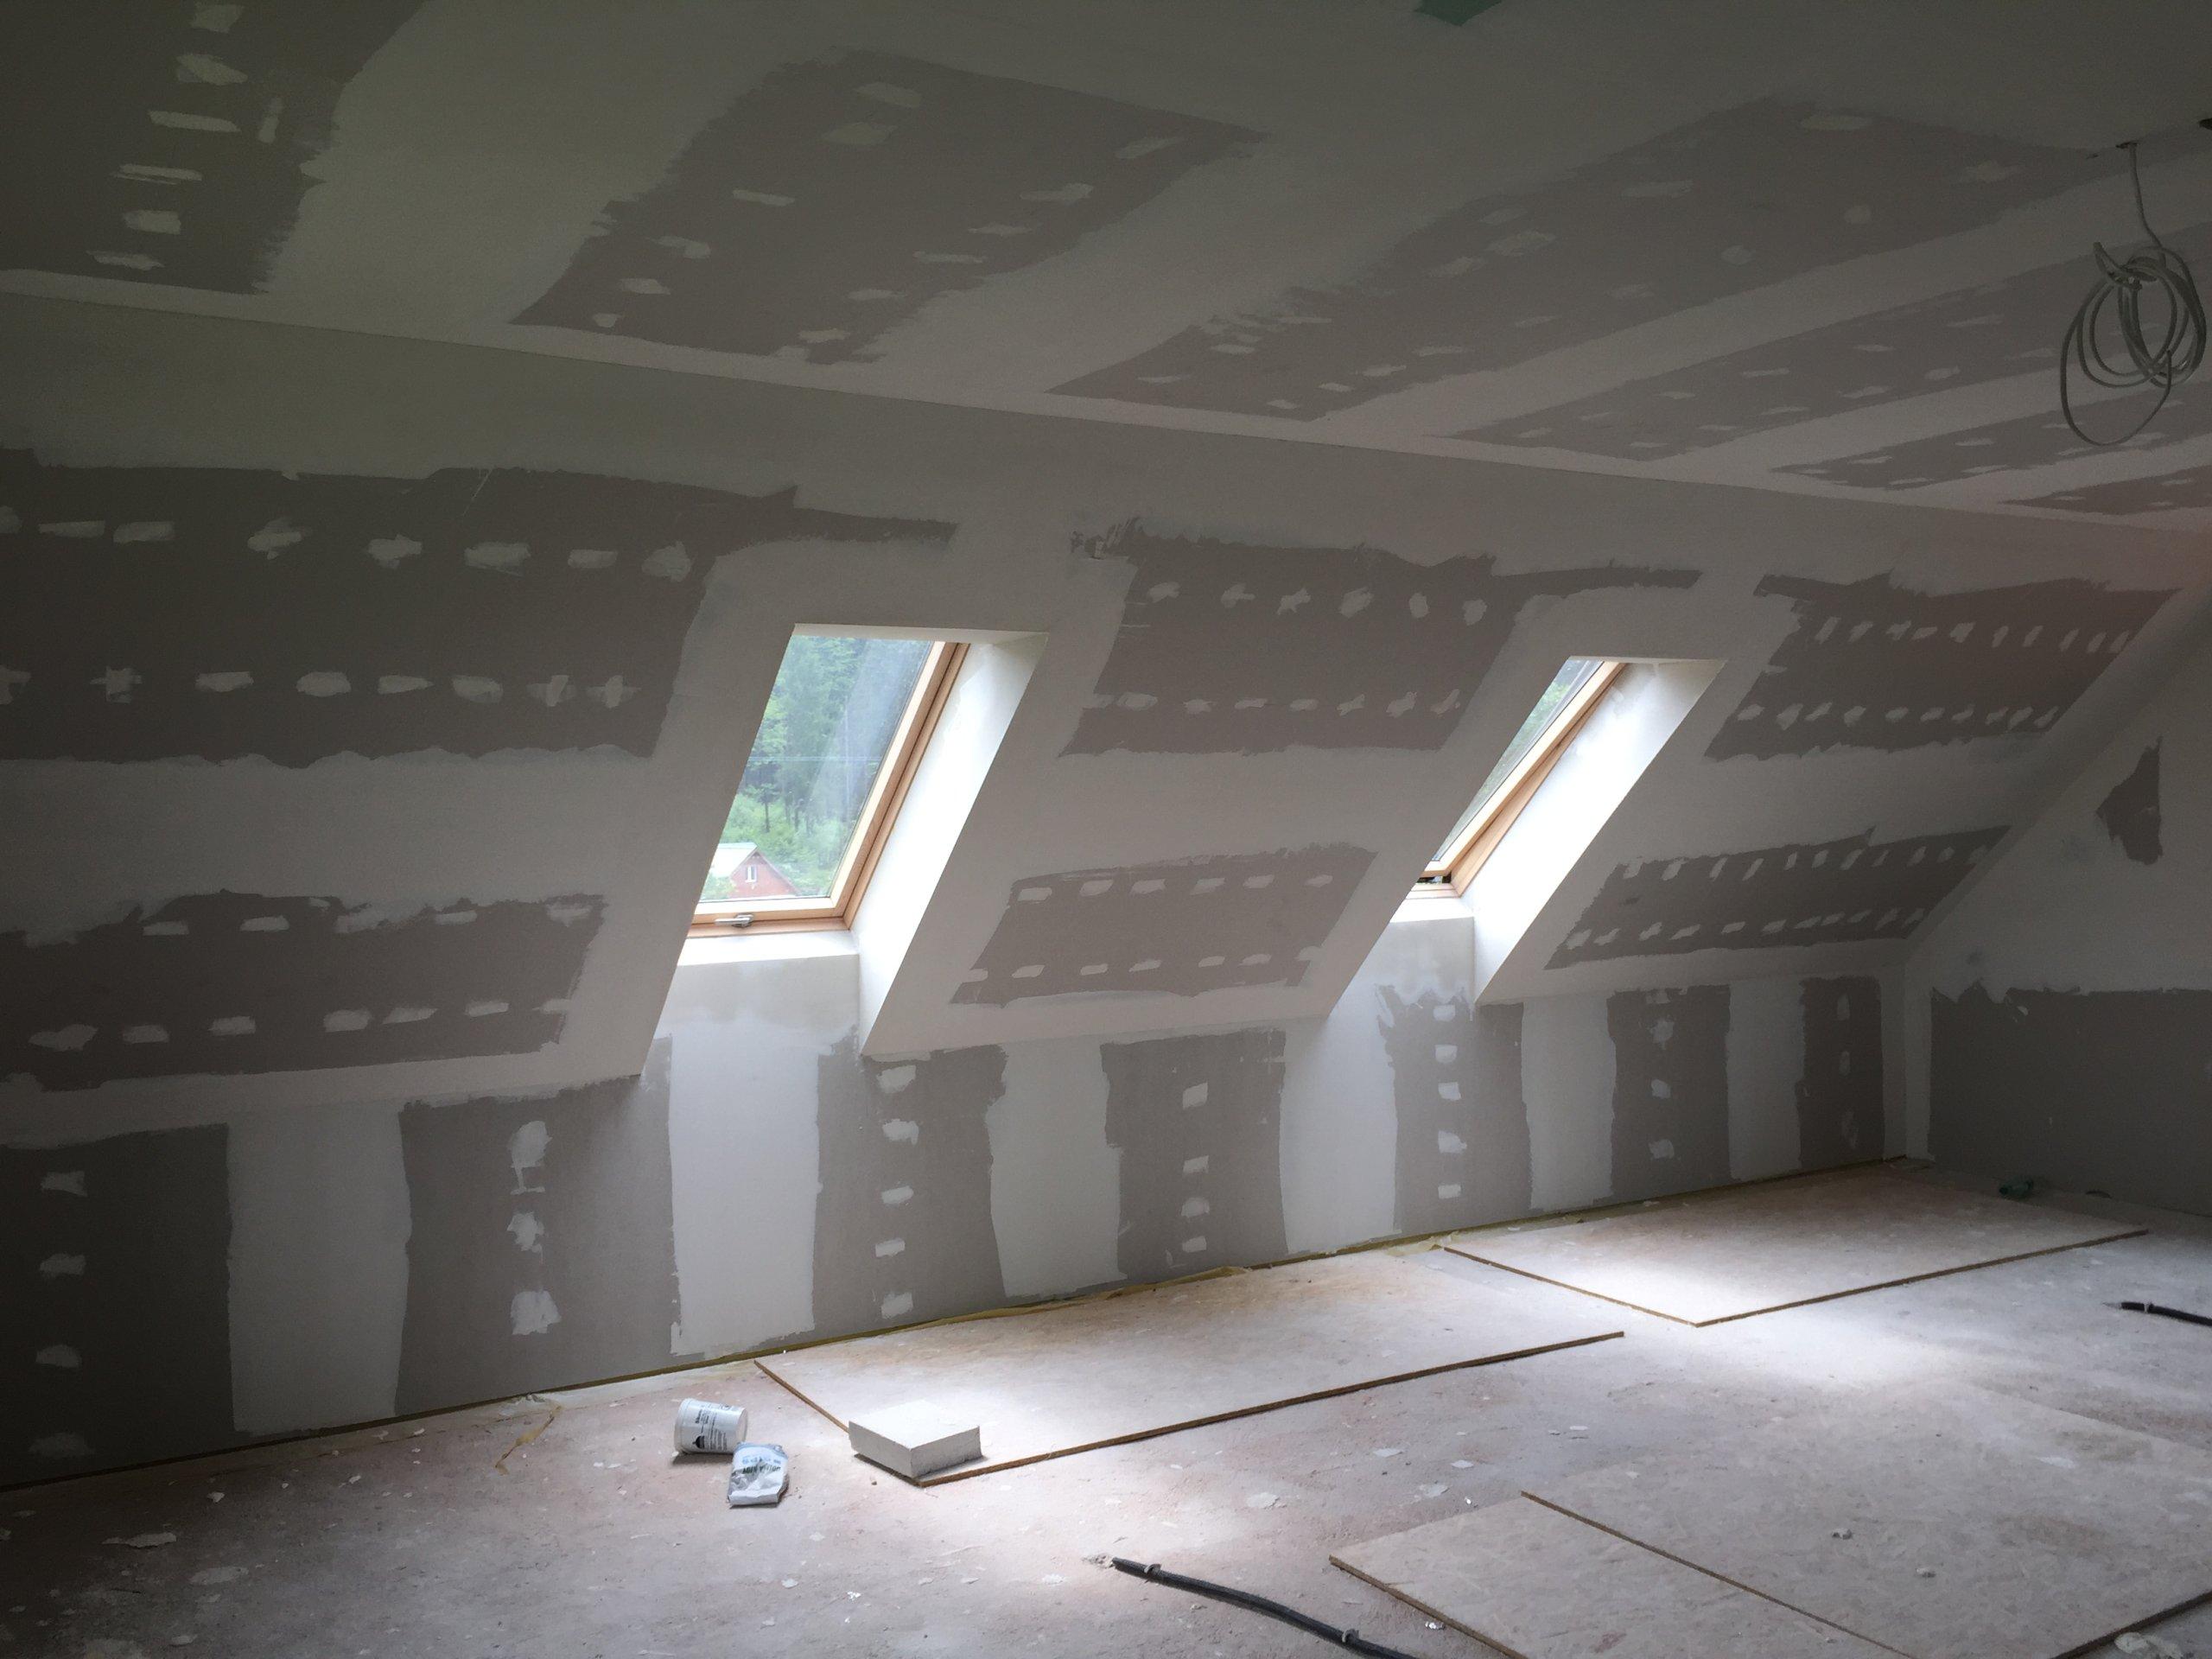 poddasza ścianki sufity sucha zabudowa gk regips - 6955005464